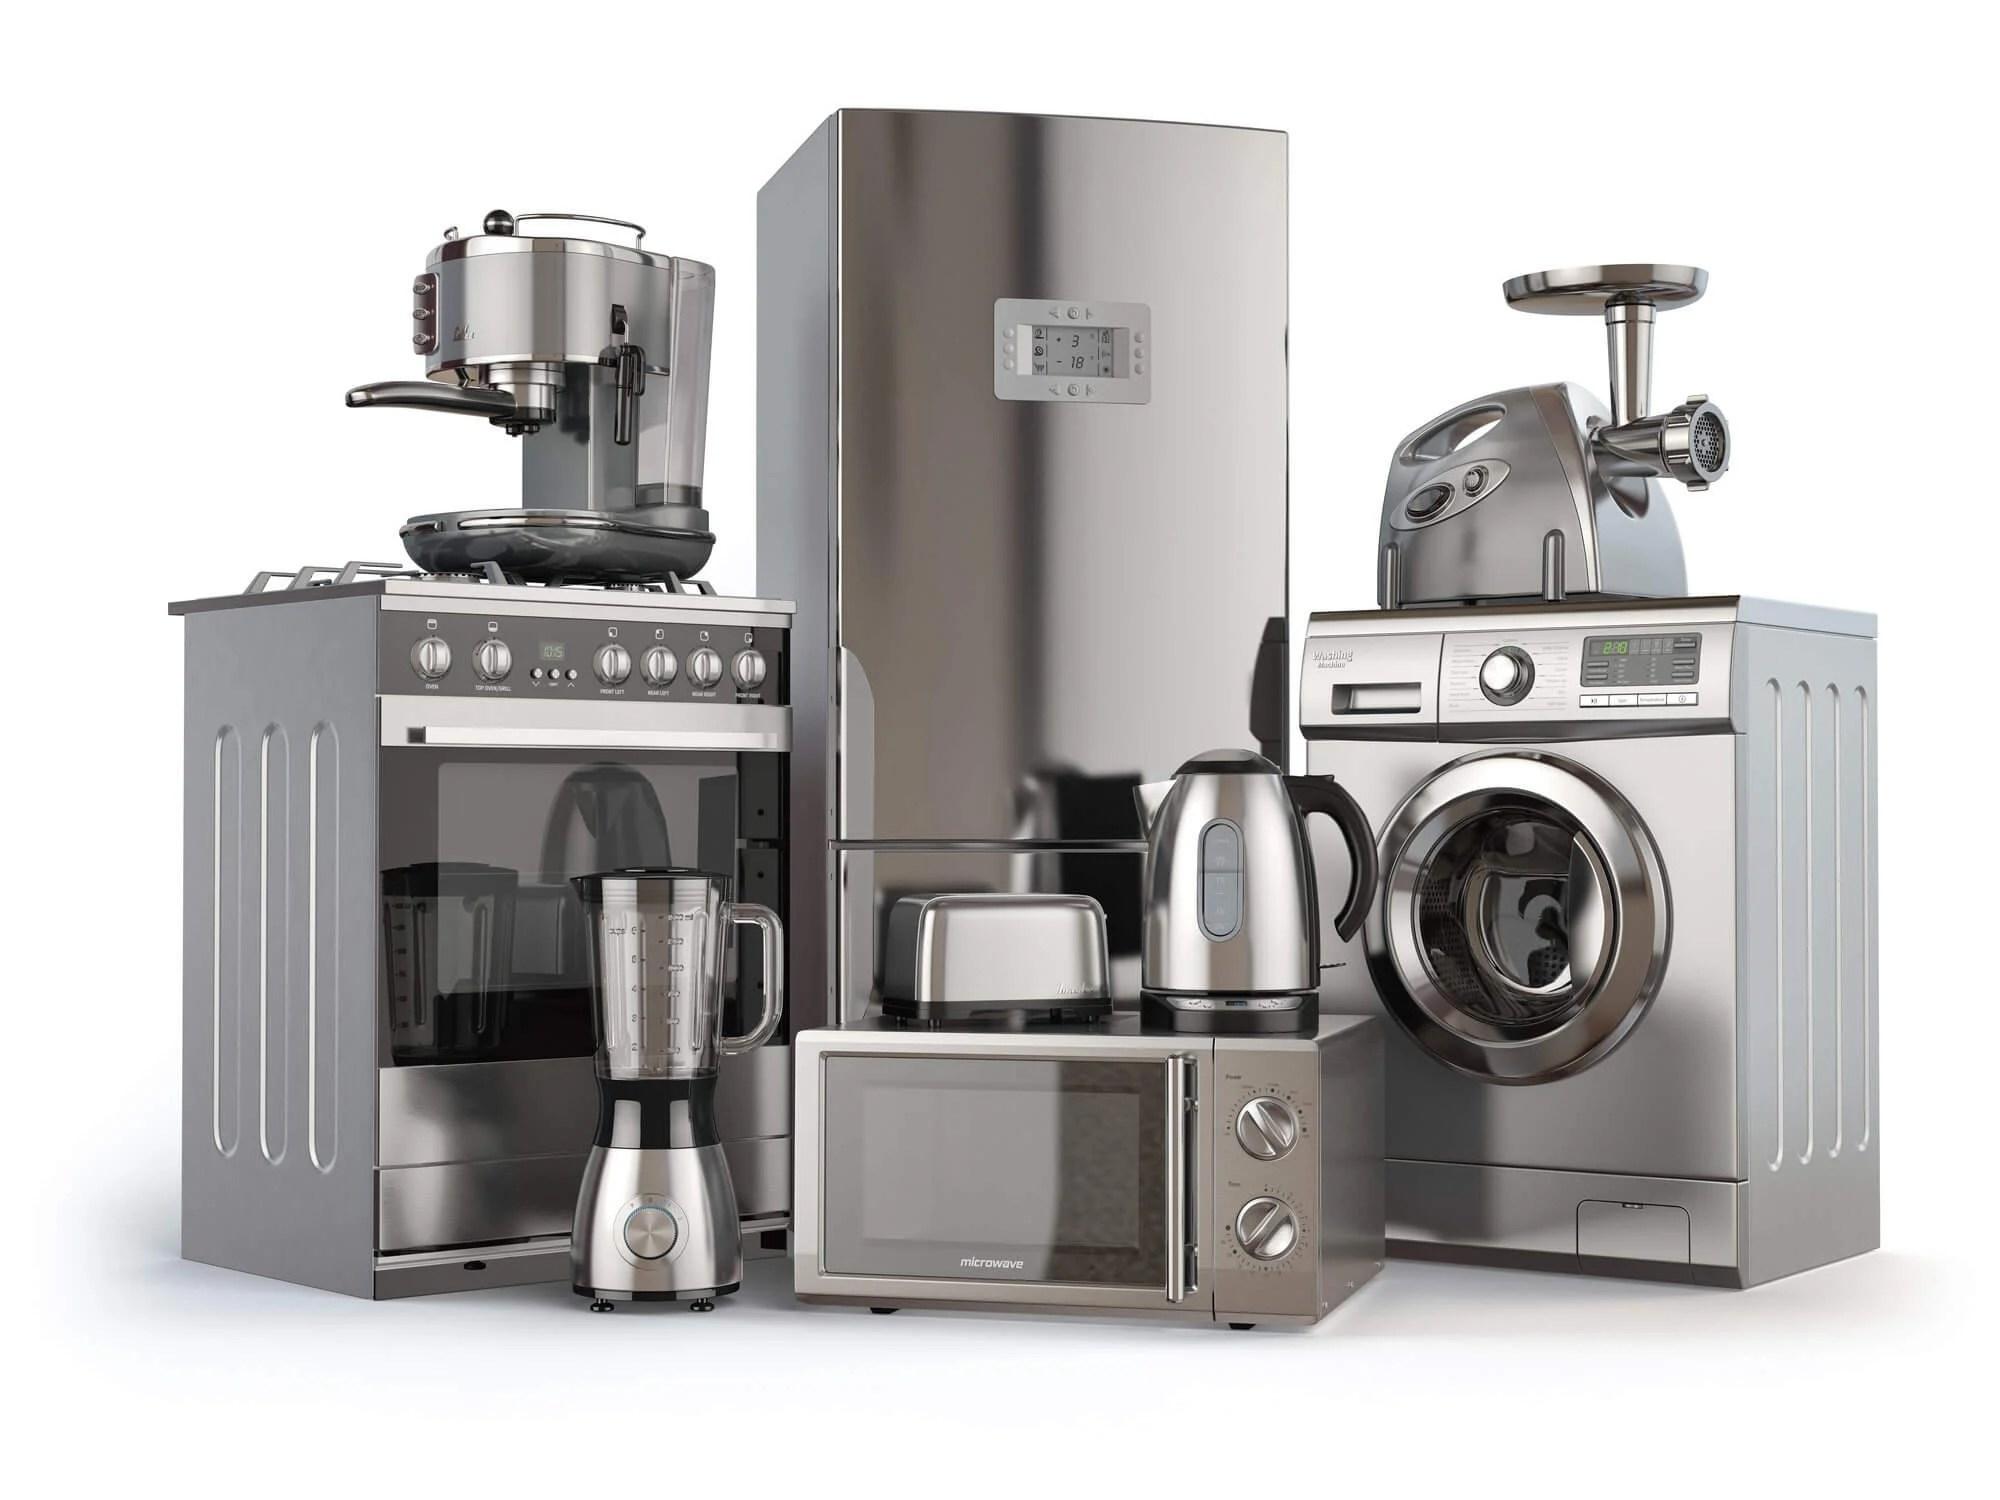 AHAM Standards Appliances - As cafeteiras e eletrodomésticos mais buscados no ZOOM em fevereiro